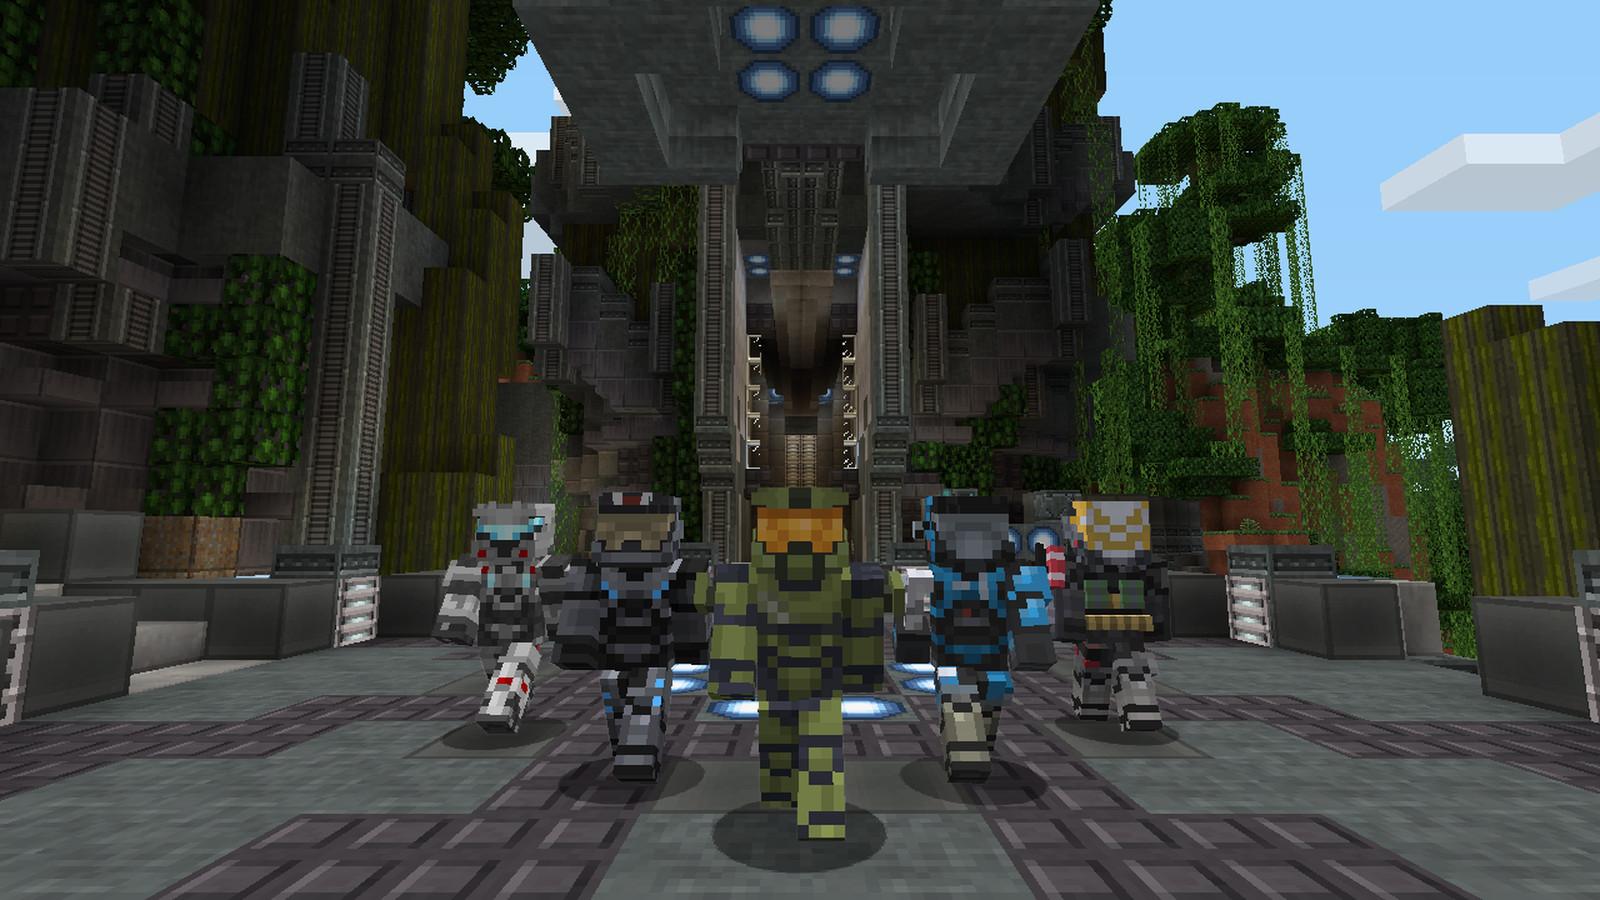 2014 360 Xbox Minecraft Servers